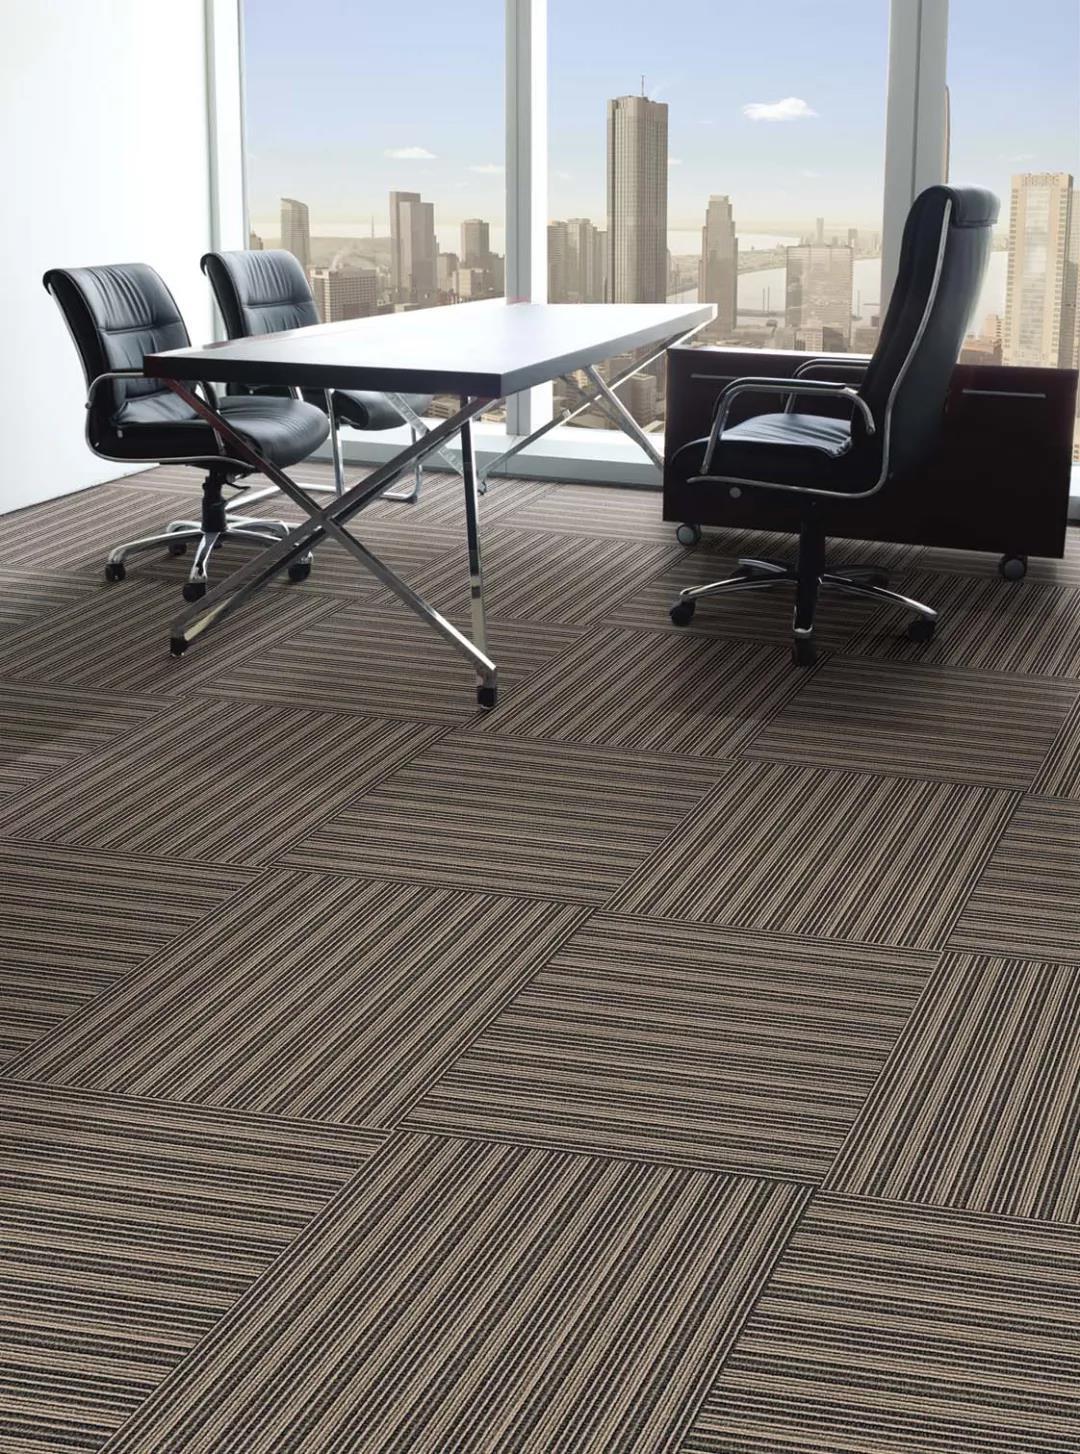 hot item plain pattern fireproof office pvc backing carpet tiles tufted nylon carpet tiles commercial floor carpet tile